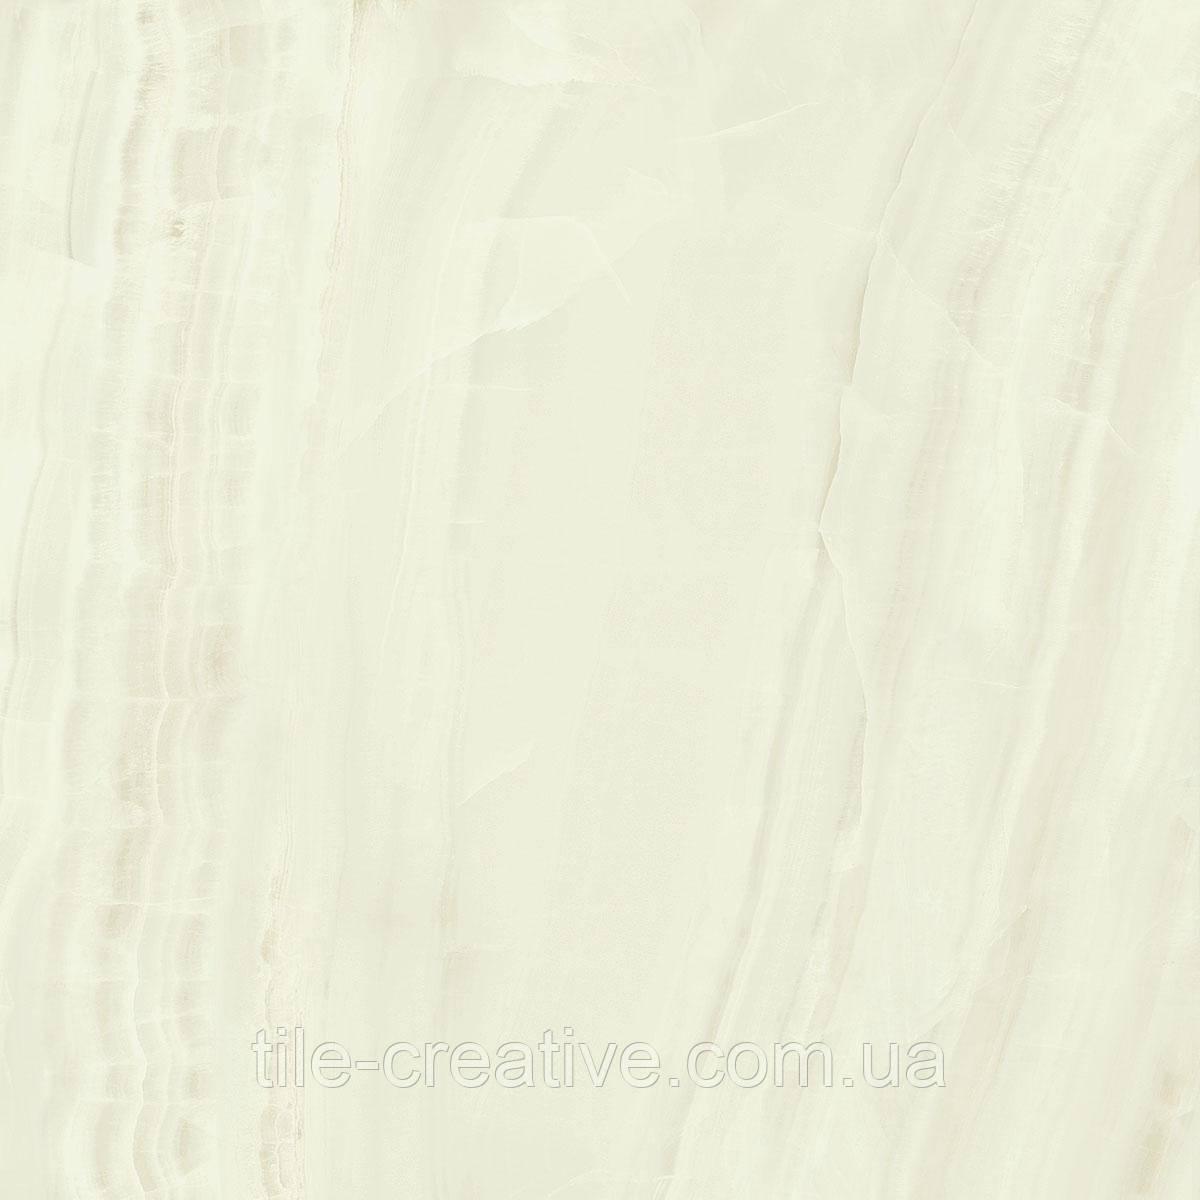 Керамічний граніт Літній сад фісташковий 40,2х40,2х8 SG153600N